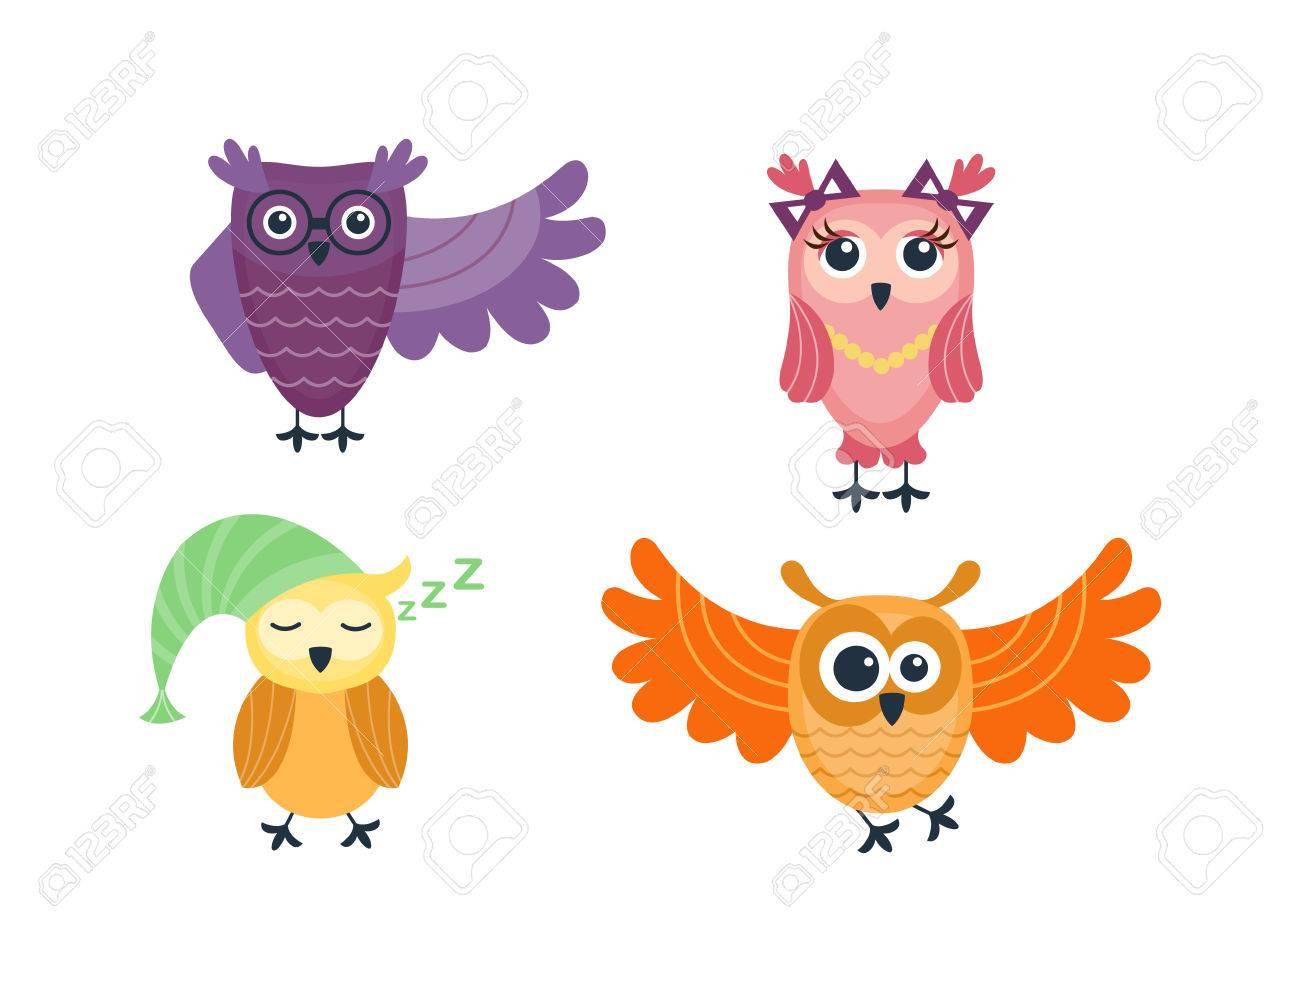 Vecteur Mignon Hiboux Drôles De Bande Dessinée Animal Dessin Animé Caractère Chouette Bande Dessinée Drôle Collection Doodle Gai Hibou De Bande